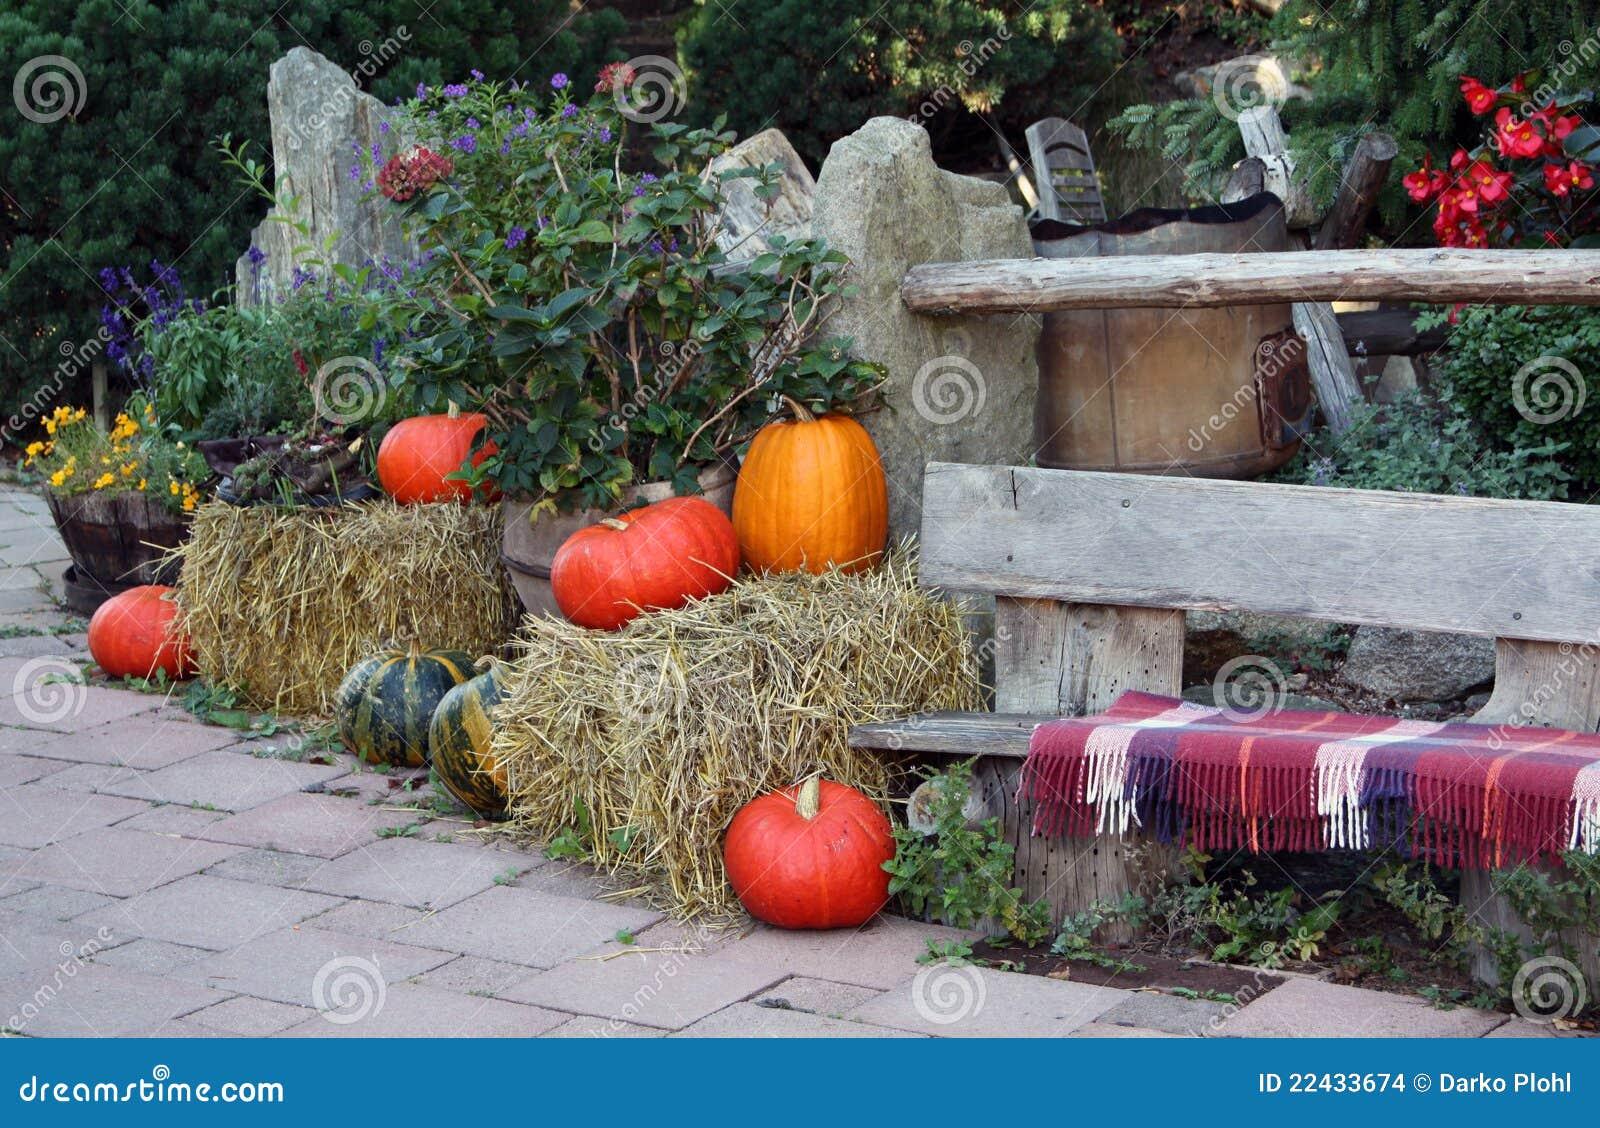 Autunno sul terrazzo del giardino ornamentale immagini - Terrazzo giardino ...